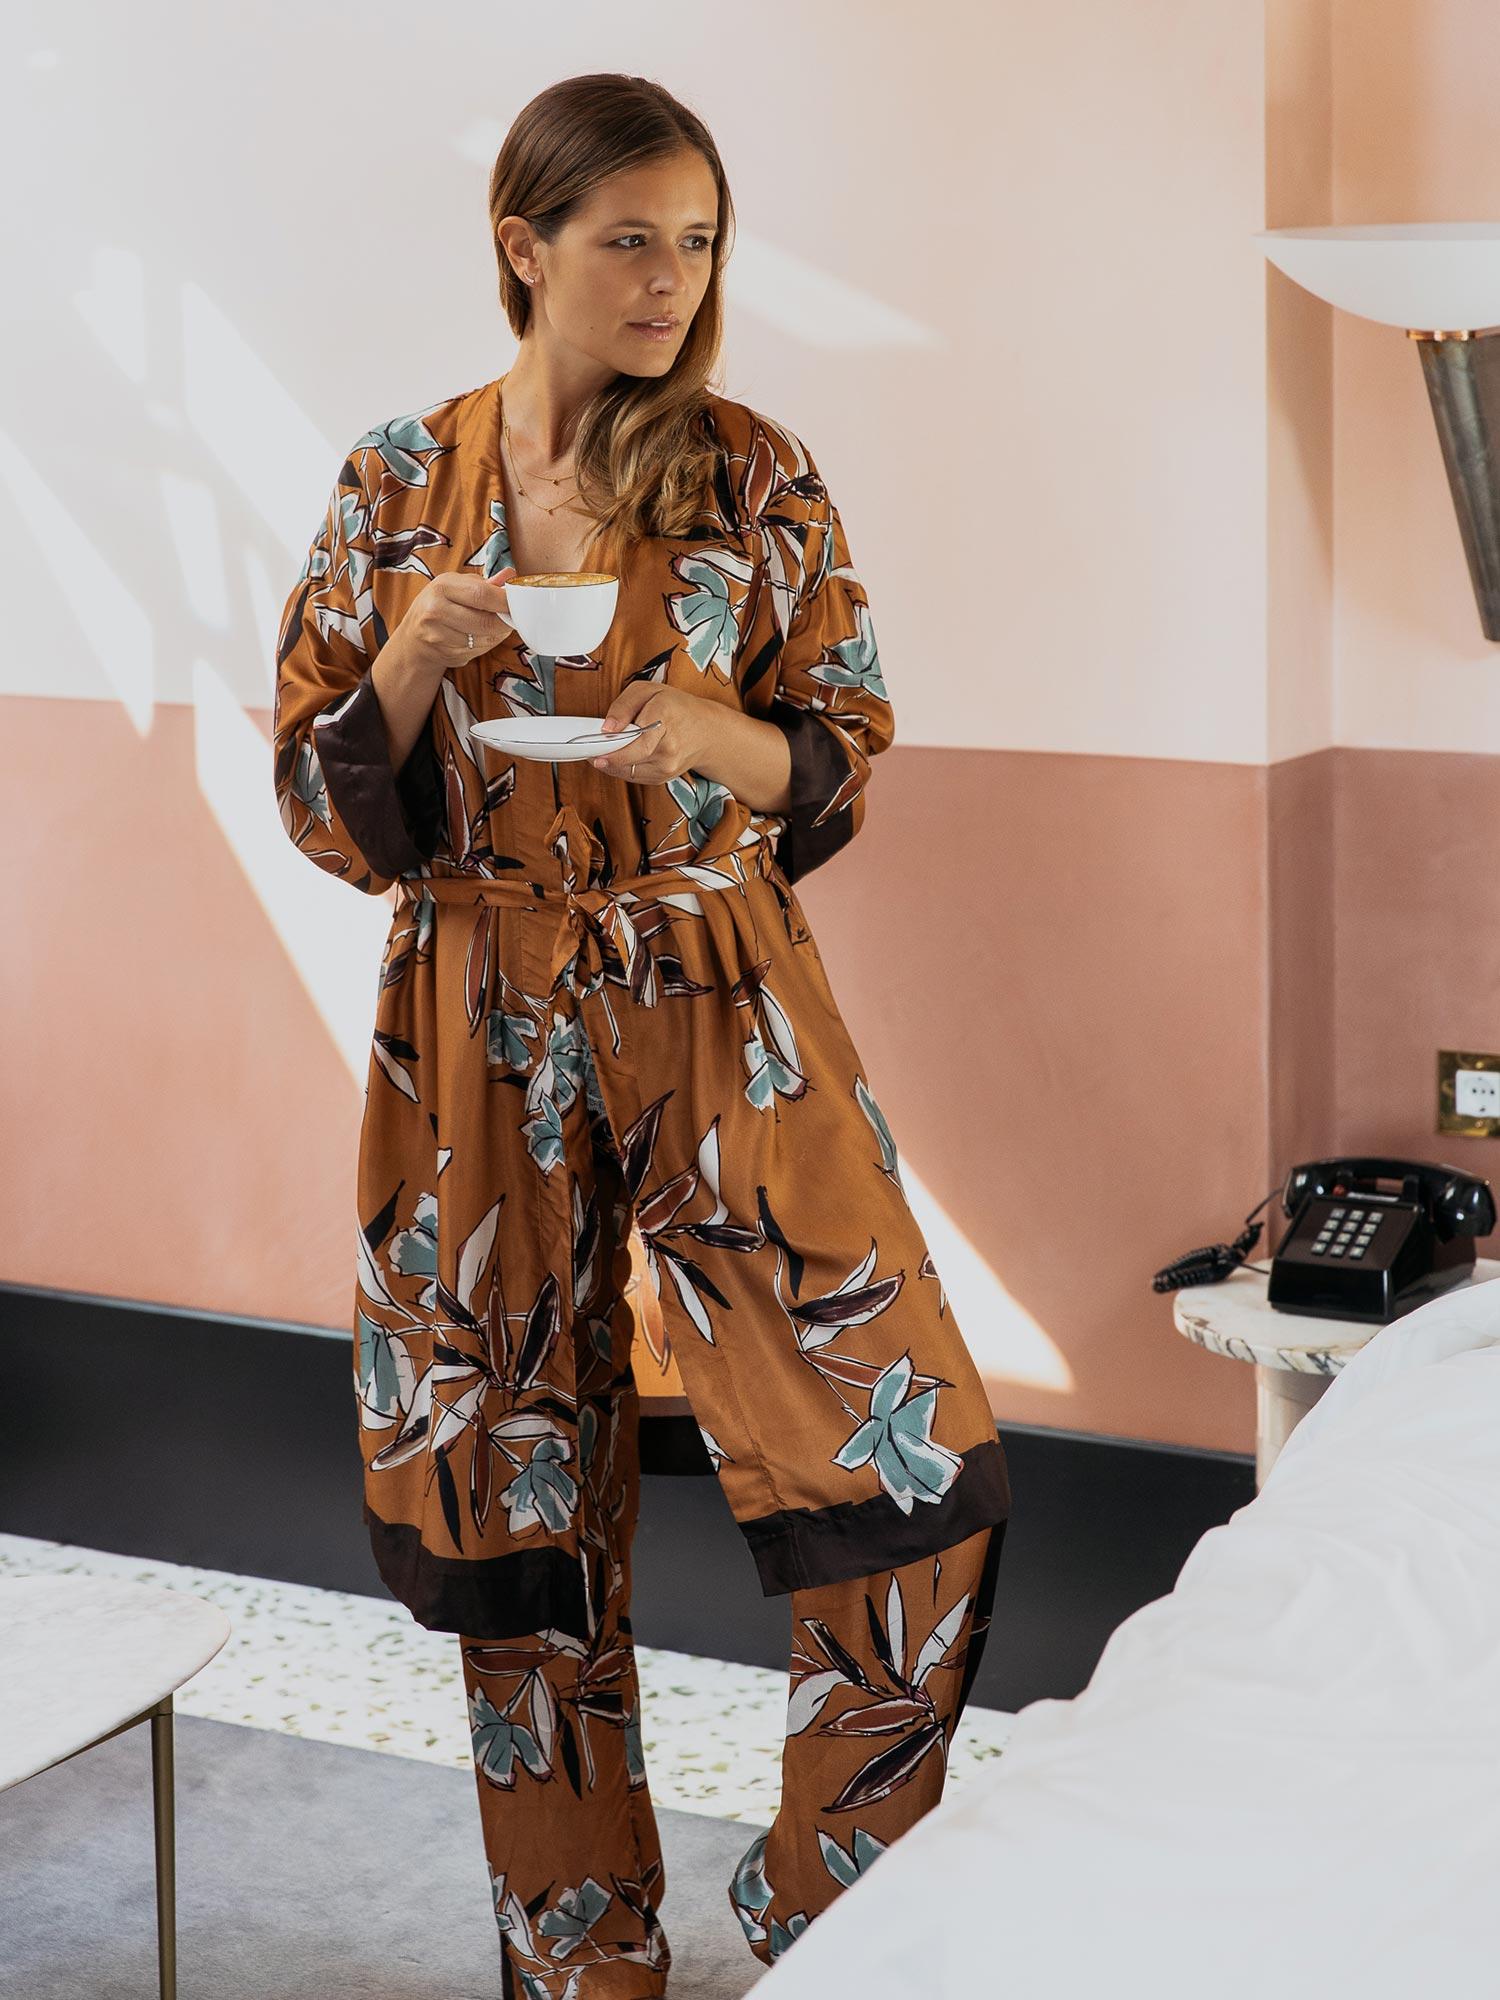 Die exklusiven Styles aus der Serie Lovestory überzeugen durch einen auffälligen Flower-Print, fließende Schnitte und edle Materialien aus Viskose und Seide.   mey®